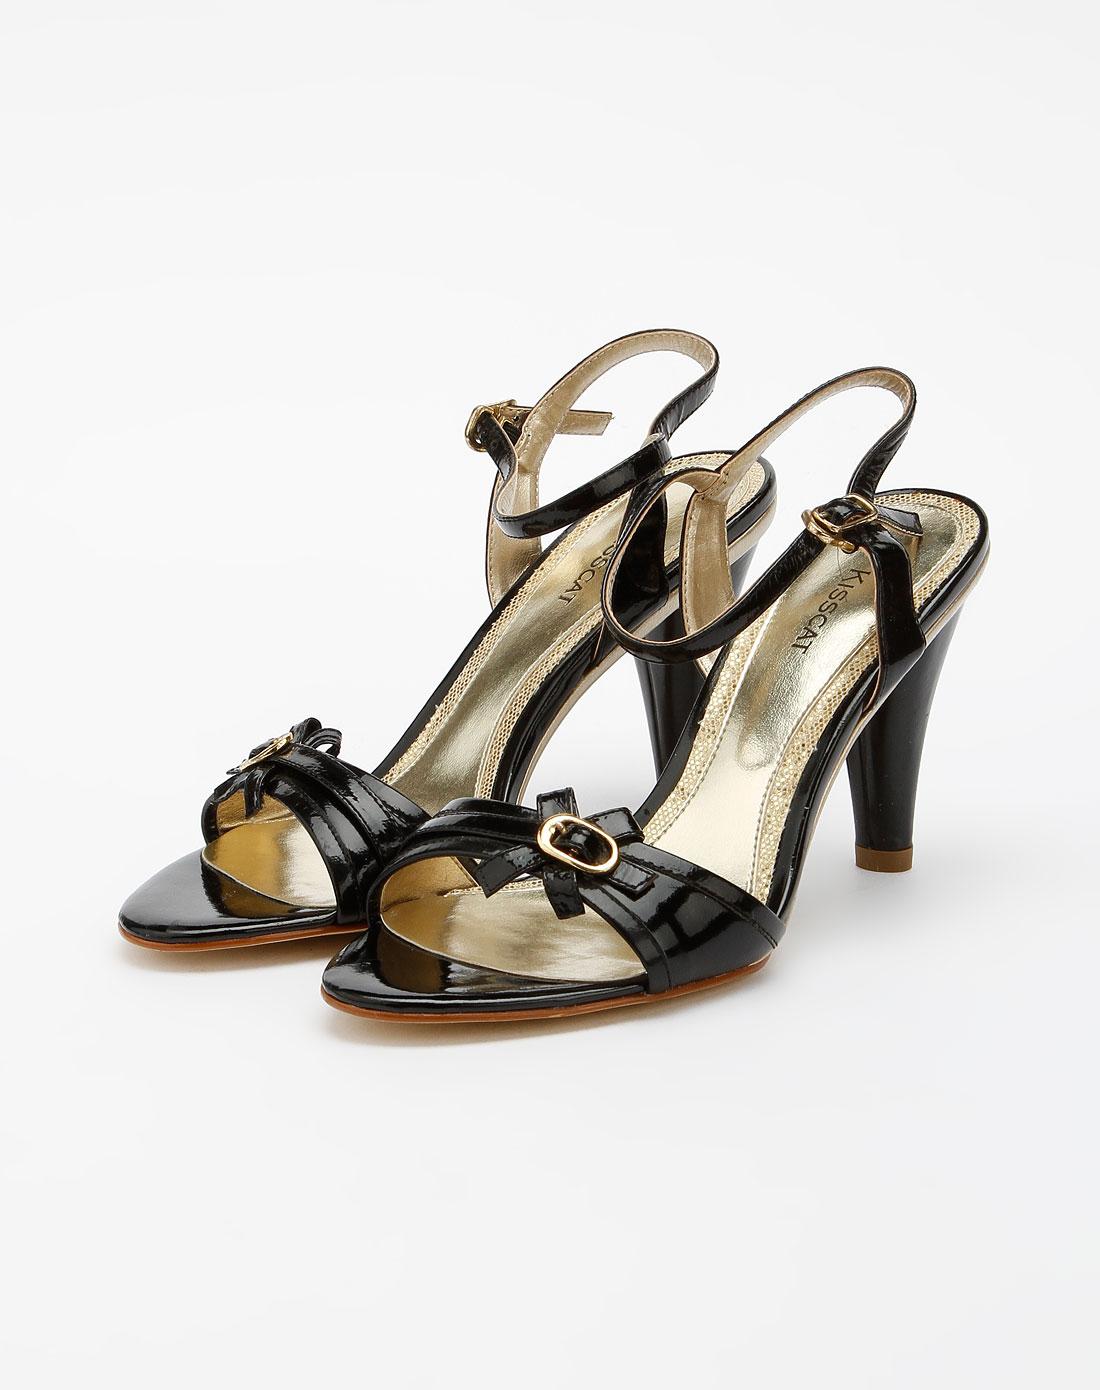 kisscat黑色时尚休闲高跟凉鞋